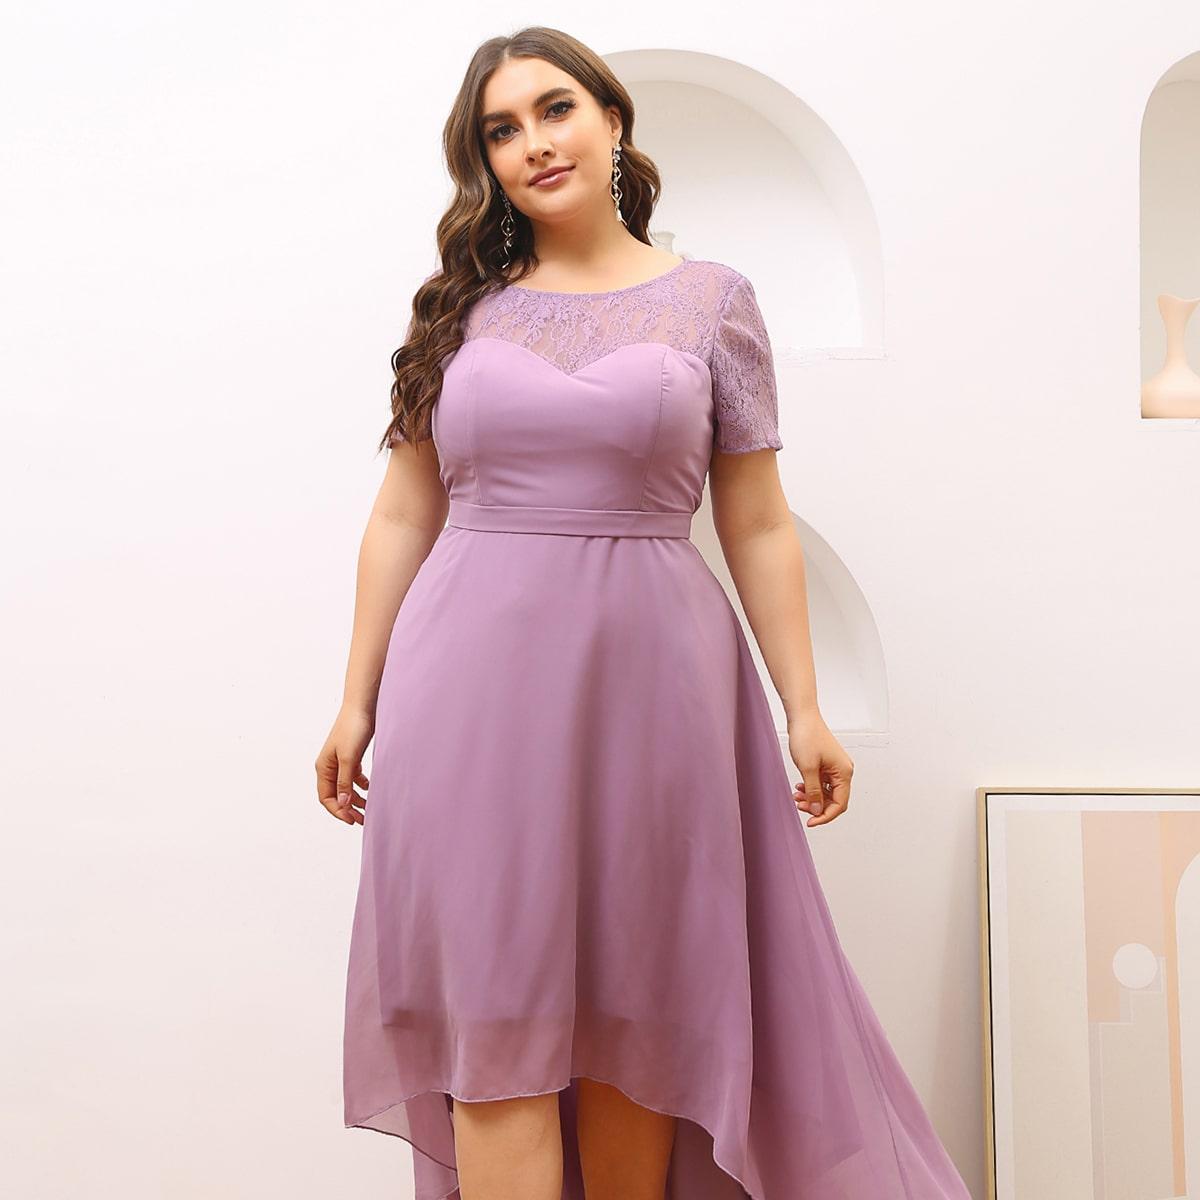 Шифоновое платье размера плюс с кружевной отделкой